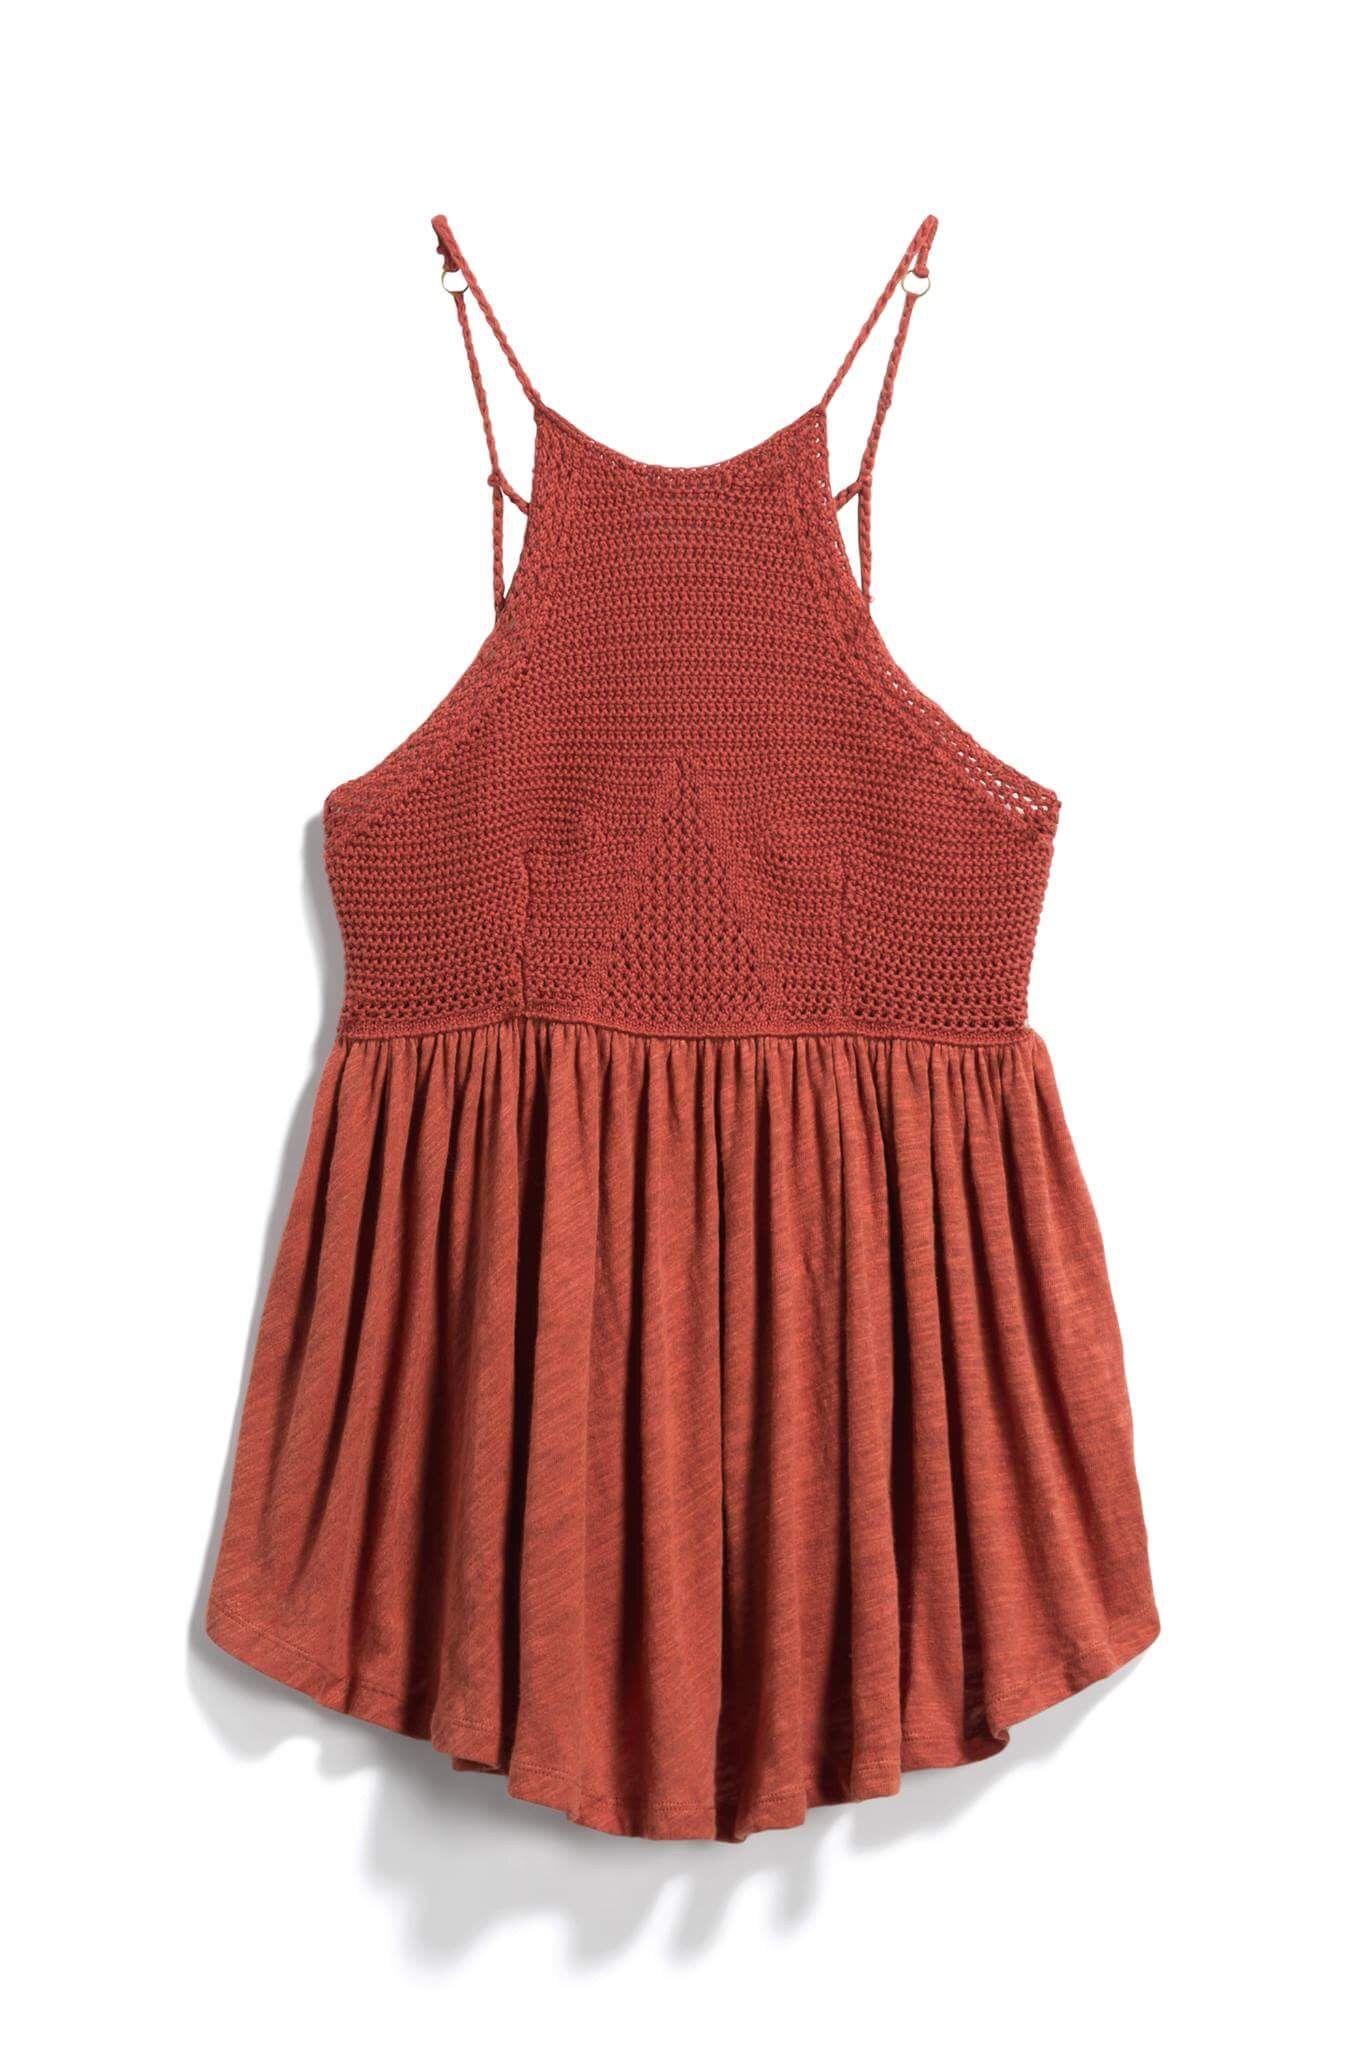 Burnt orange halter top stitch fix style quiz referral link